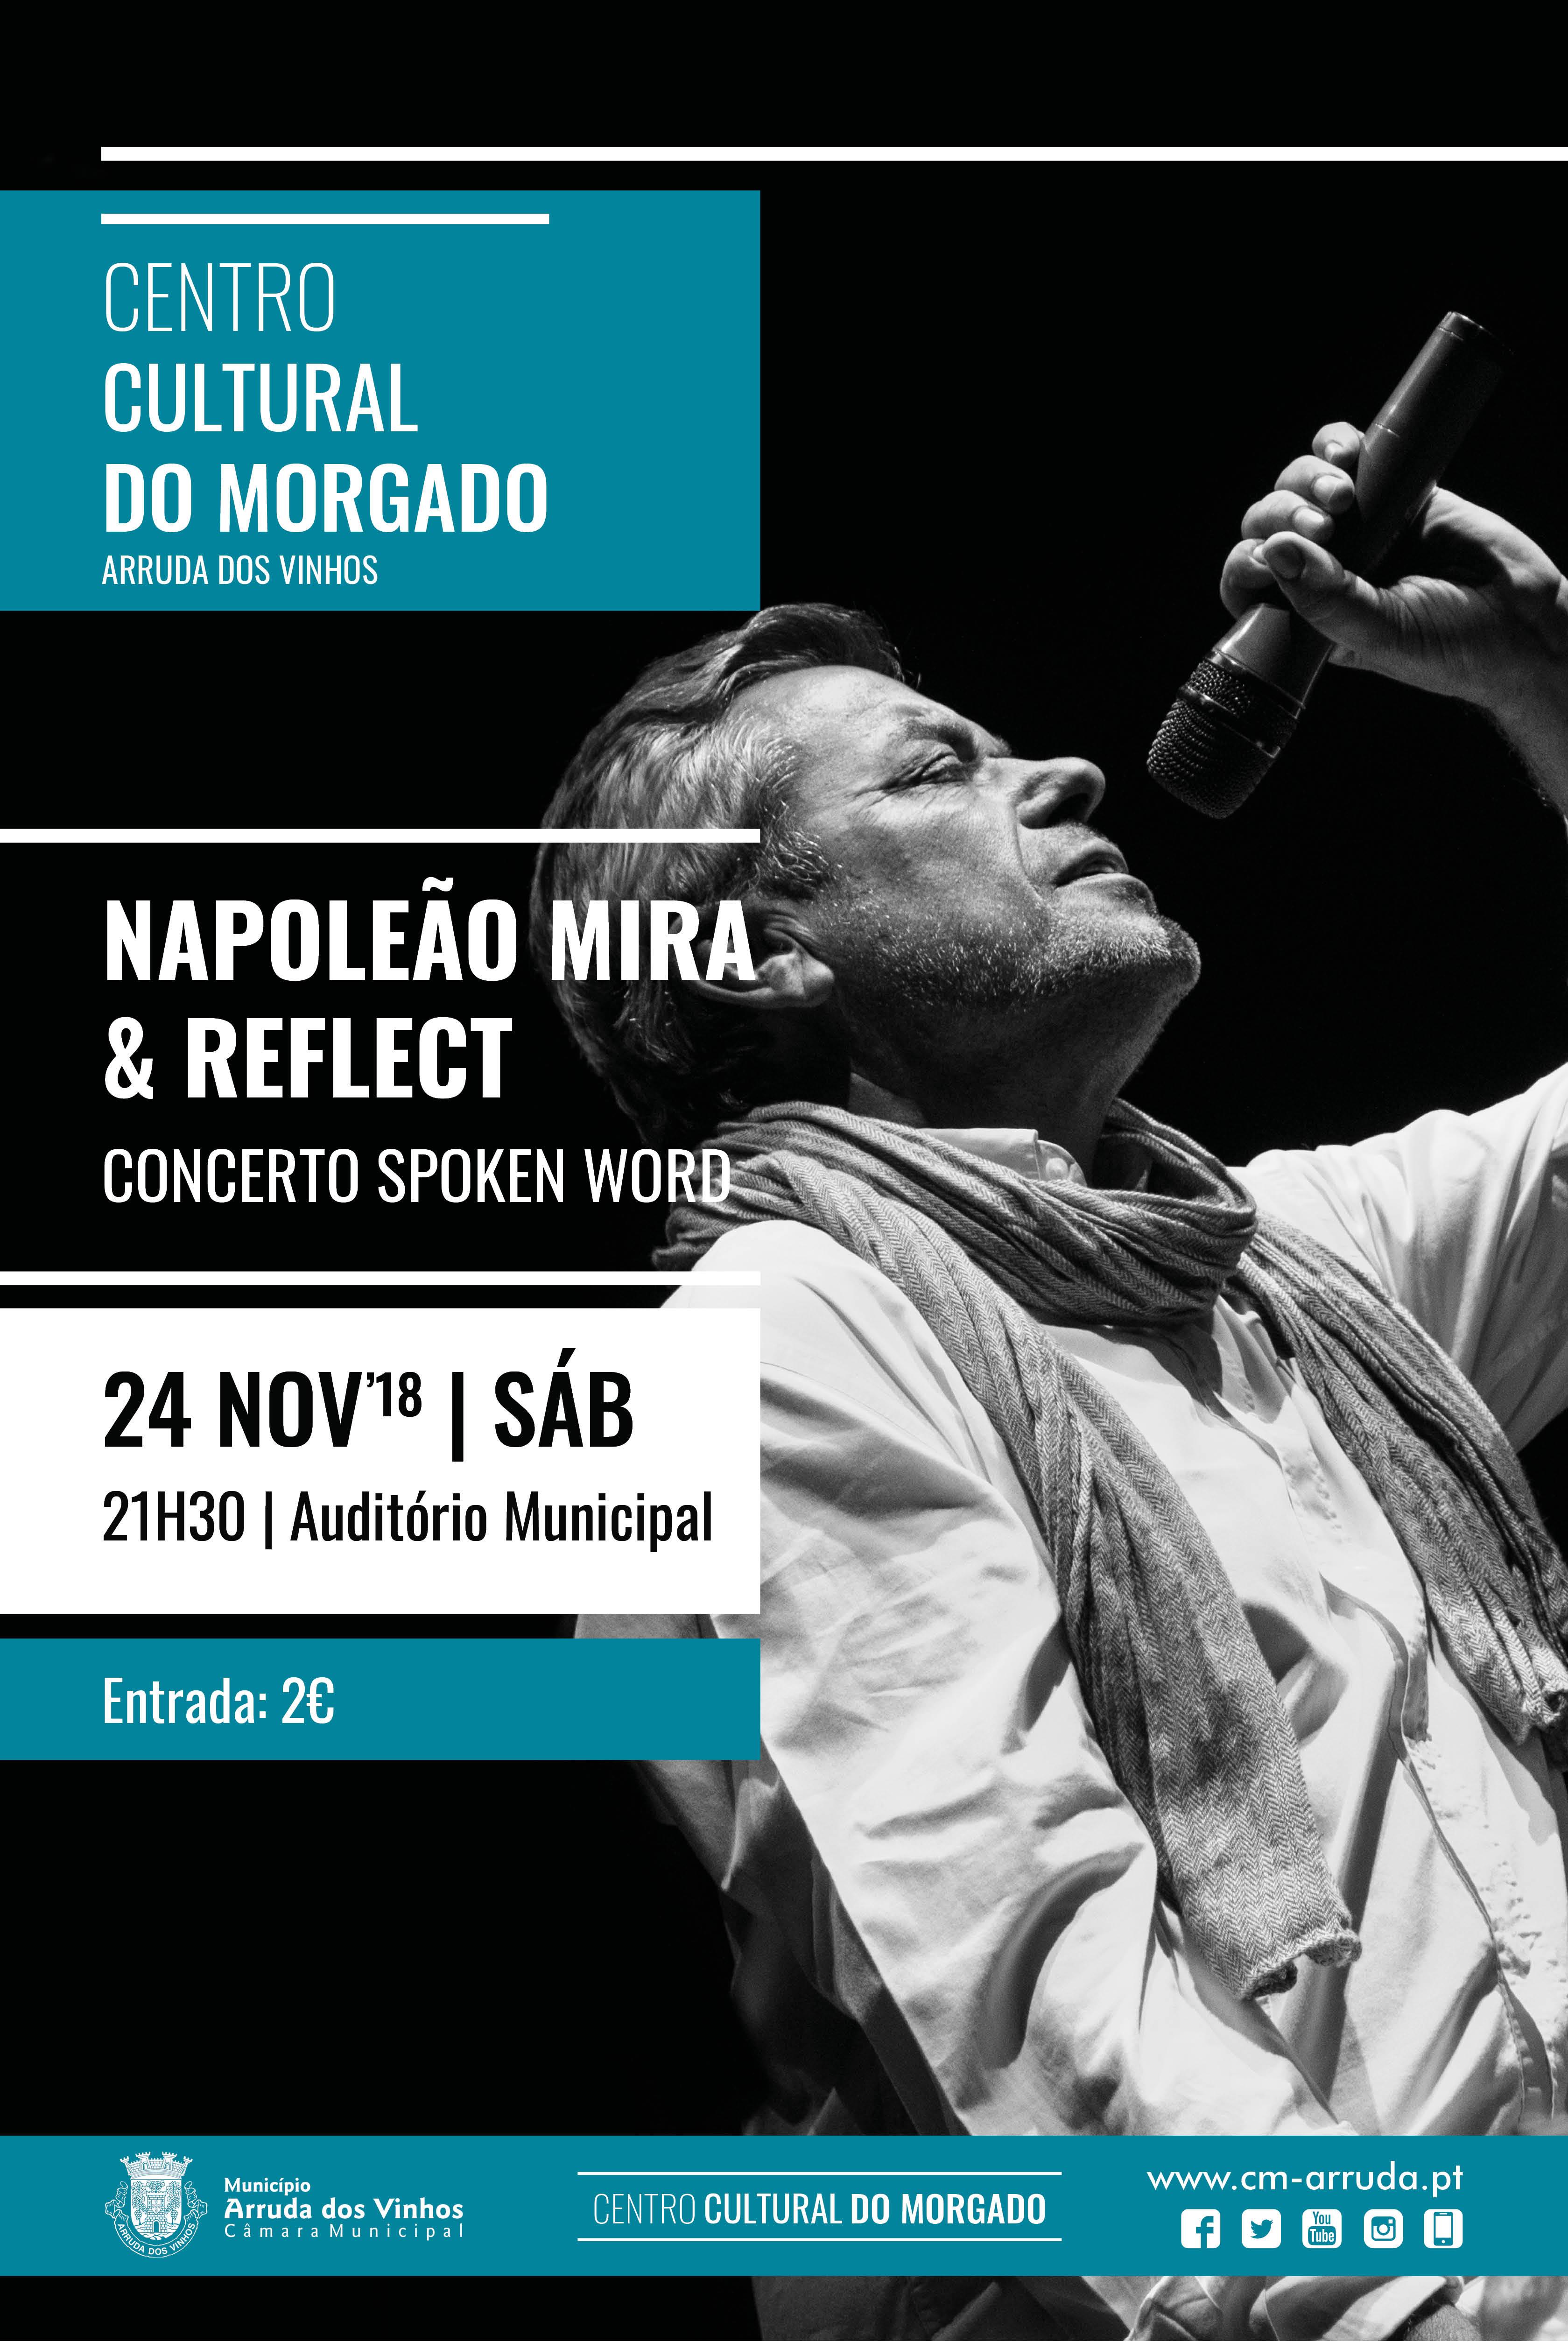 Napoleão Mira & Reflect @ Arruda dos Vinhos